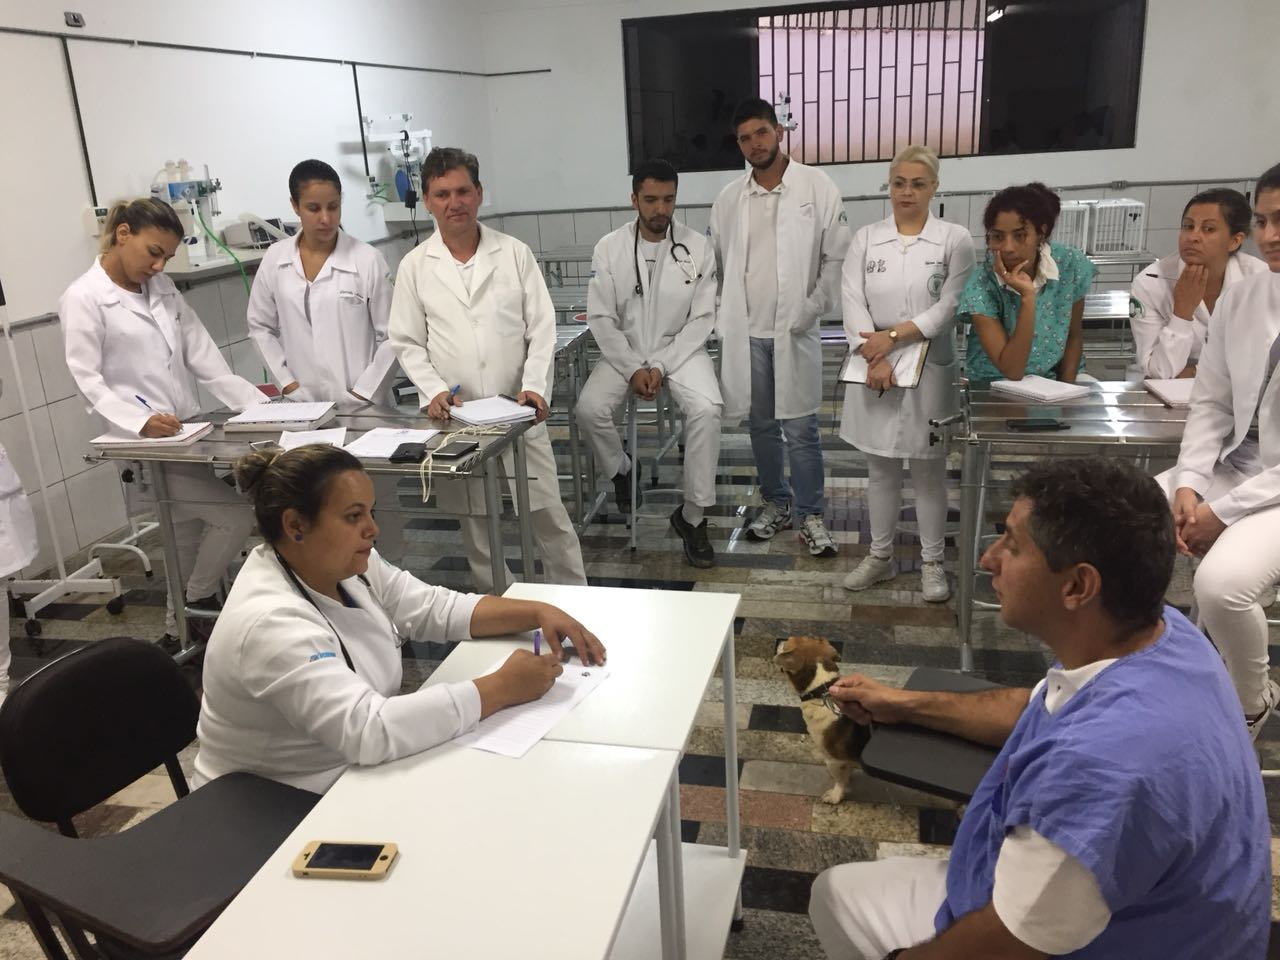 Projeto da Medicina Veterinária : Estratégias de Ensino Aprendizagem para o Desenvolvimento das Competências humanísticas